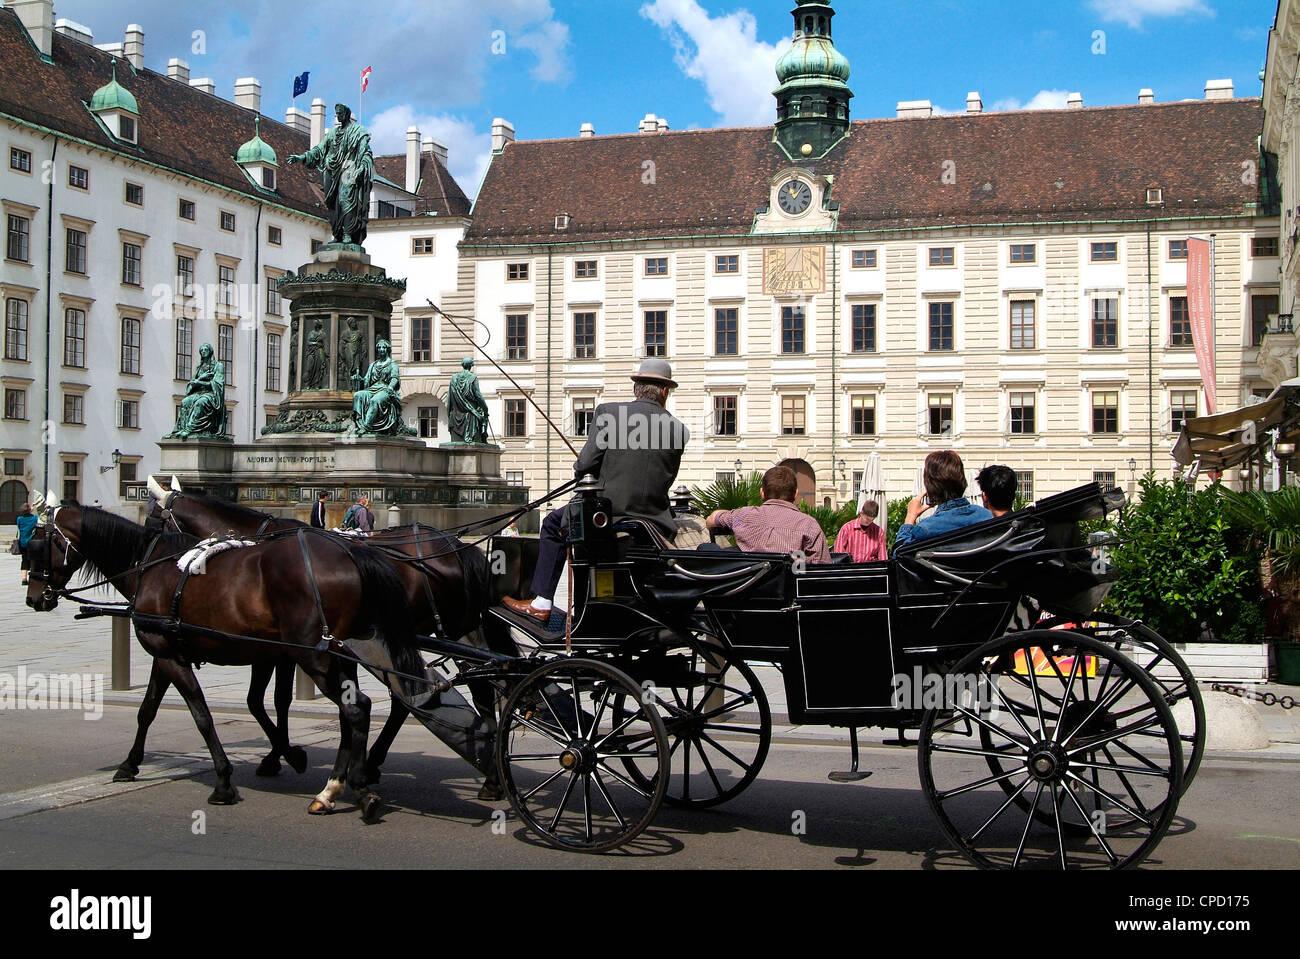 Balade en calèche à la Hofburg, Vienne, Autriche, Europe Photo Stock